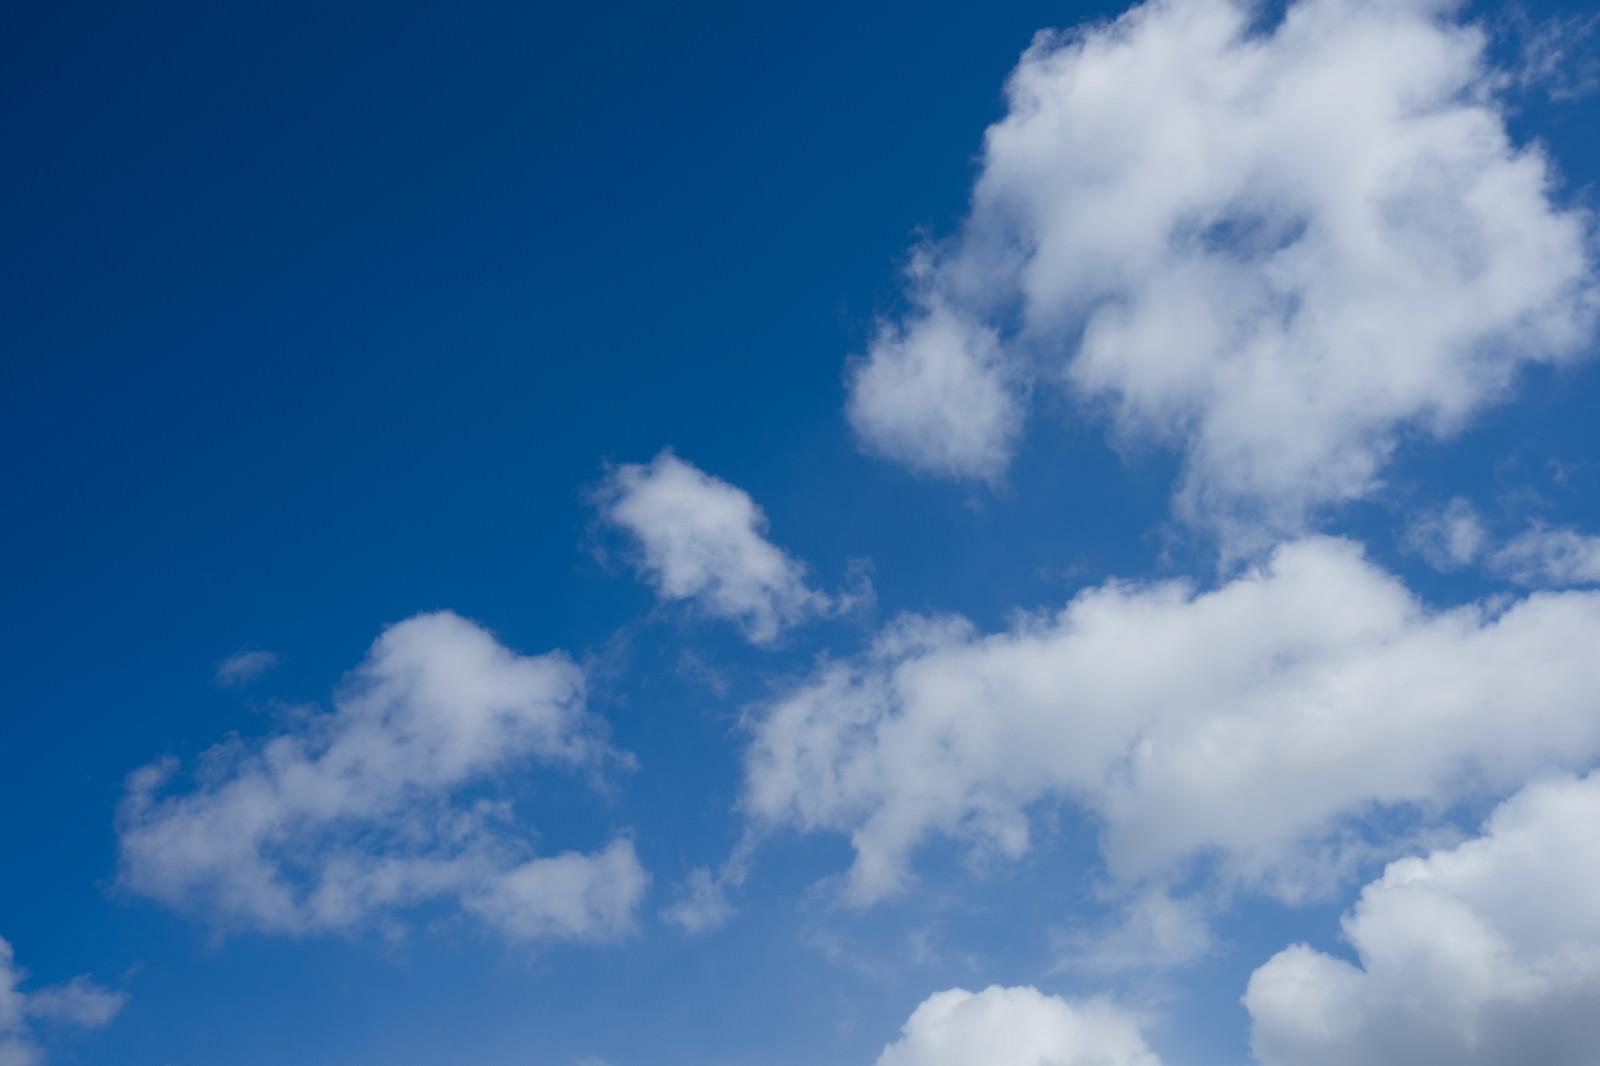 「快晴だと思ったら雲が出来てた快晴だと思ったら雲が出来てた」のフリー写真素材を拡大